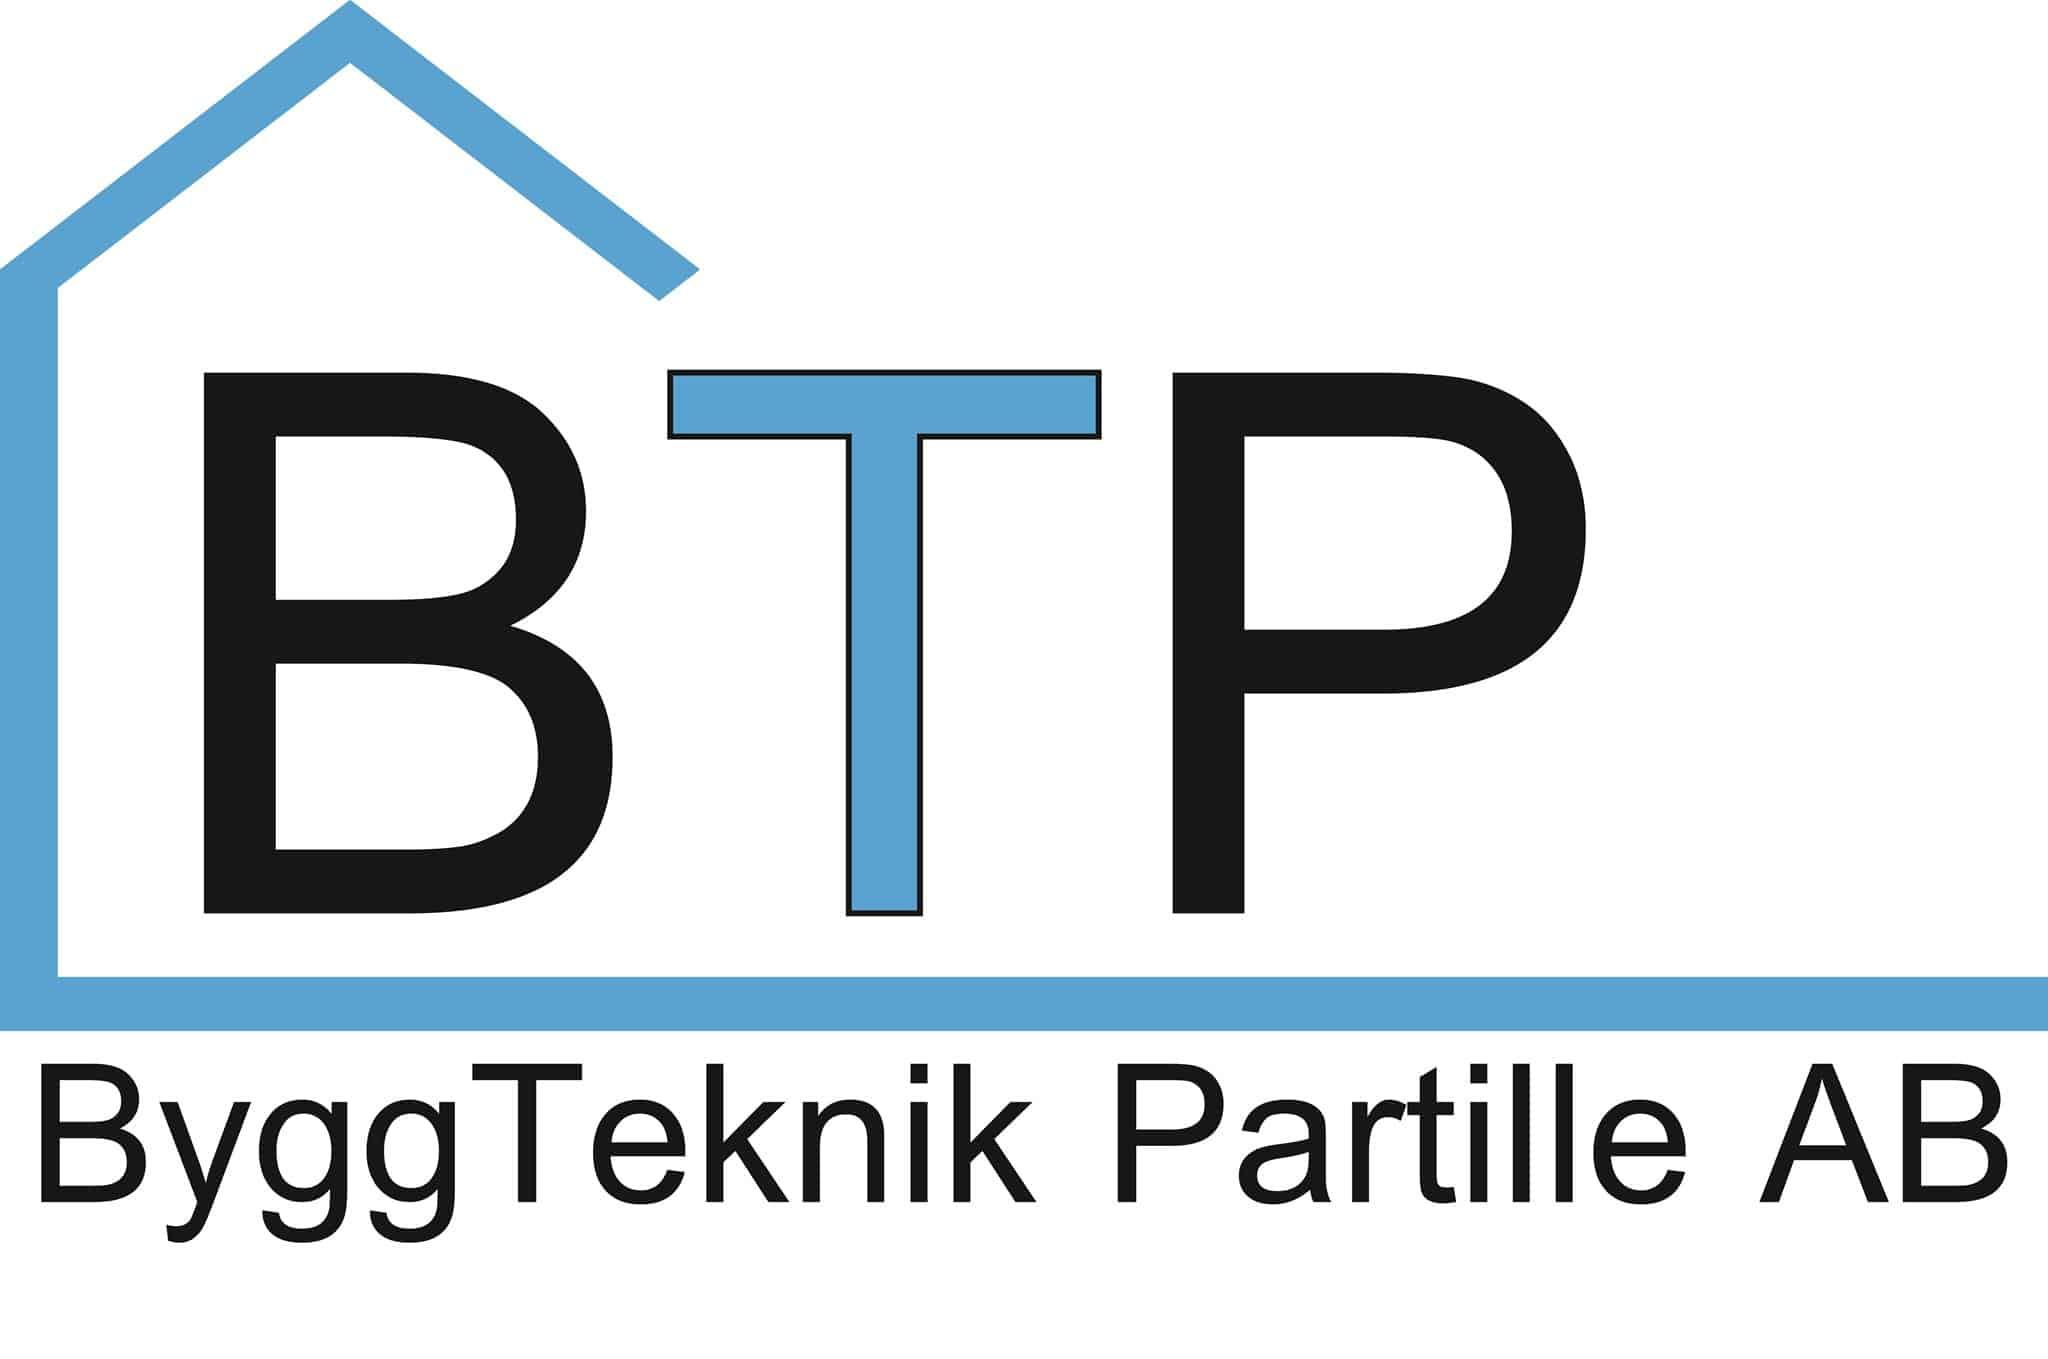 Logotyp för Byggteknik Partille AB